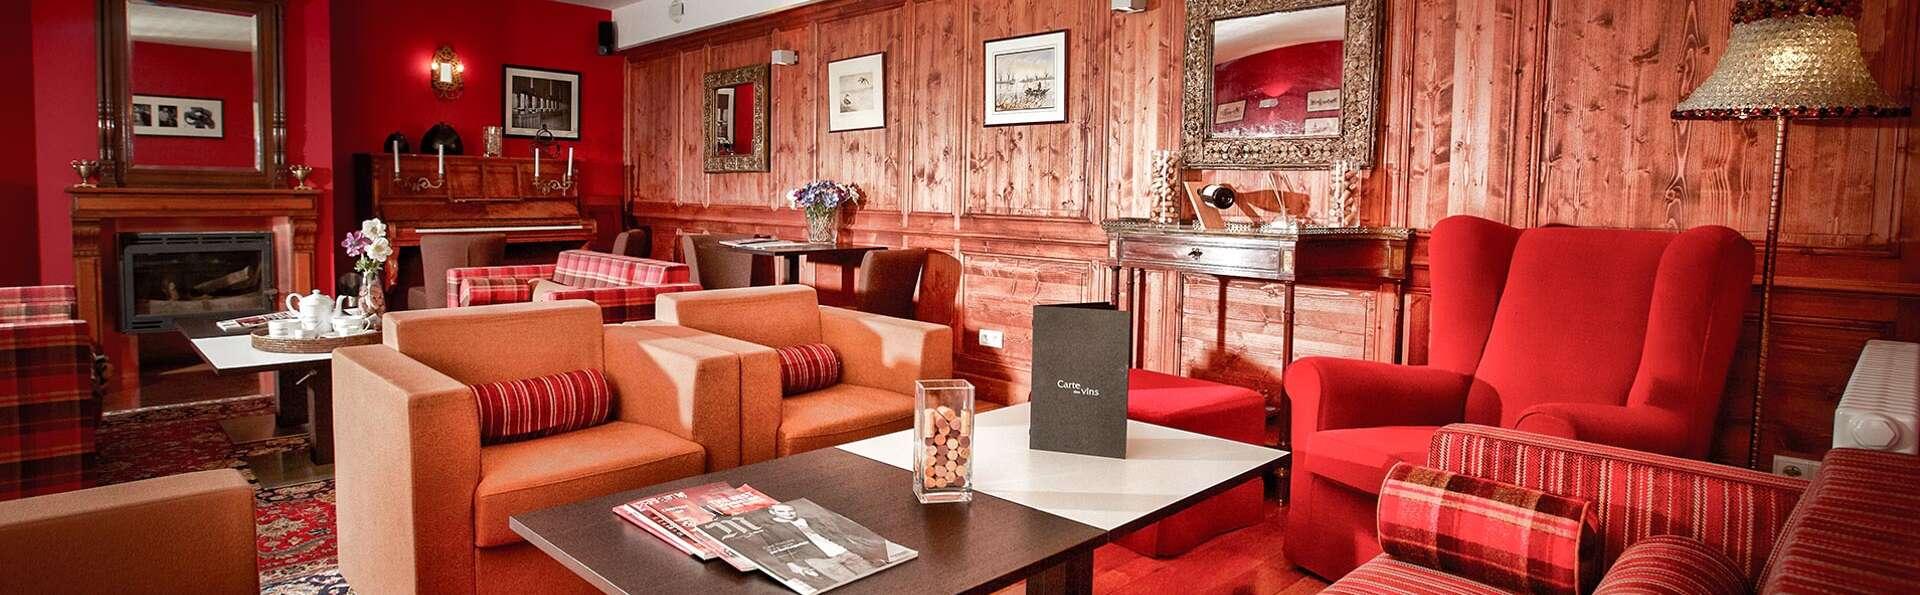 Maison Leflaive Olivier - EDIT_RESTAURANT_03.jpg